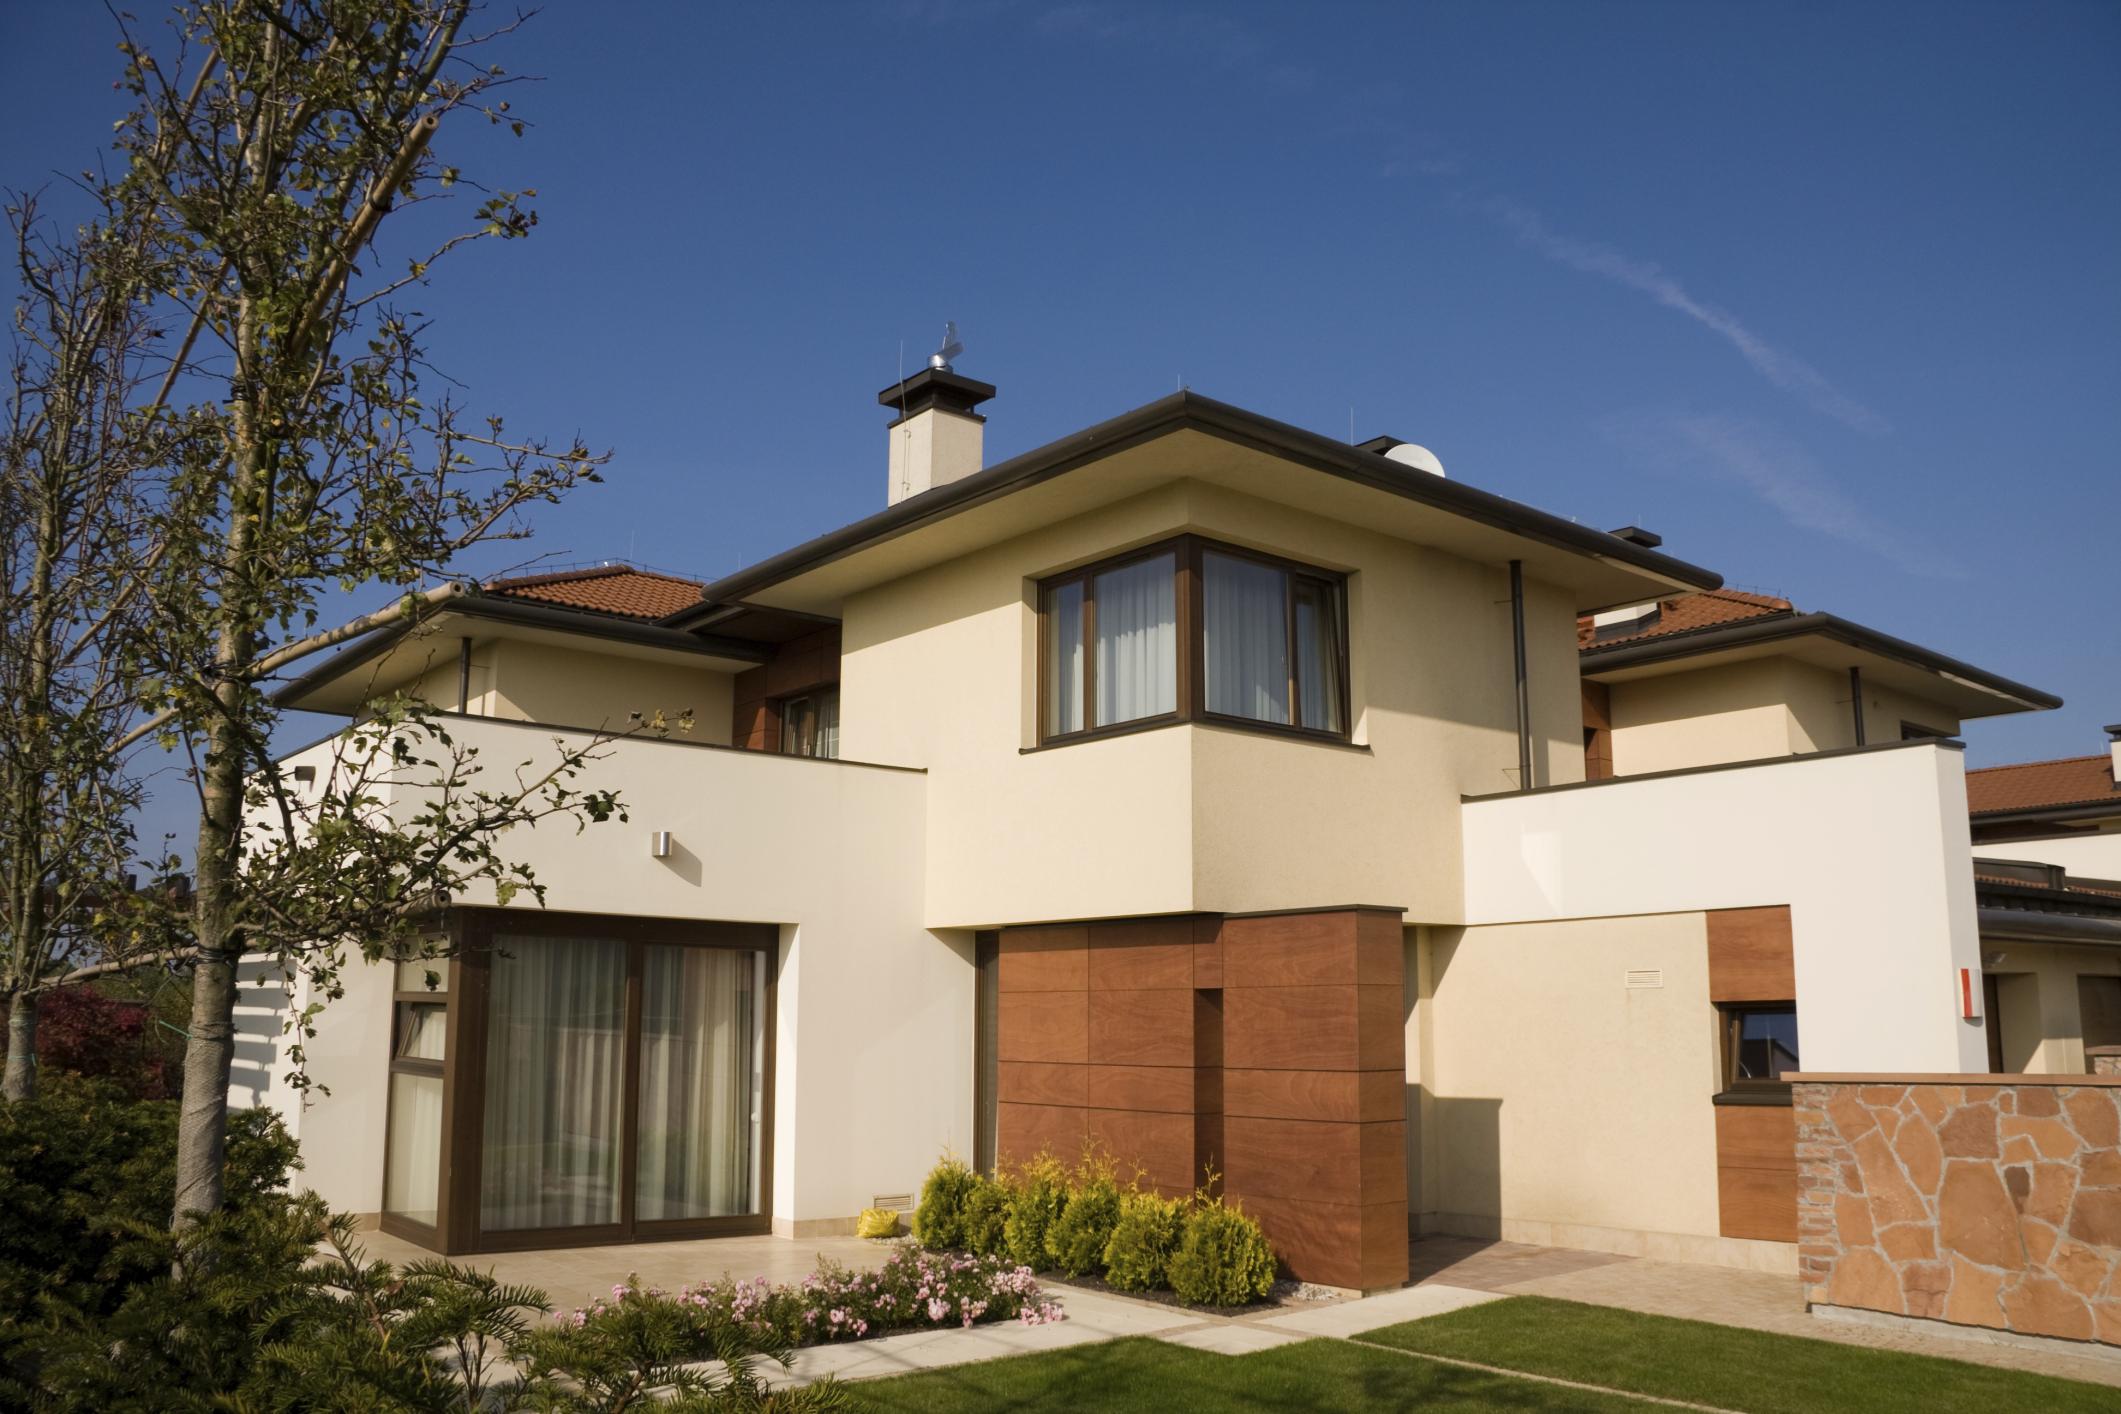 24 fotos de fachadas de casas modernas planos y fachadas todo para el dise o de tu casa - Casas exteriores ...